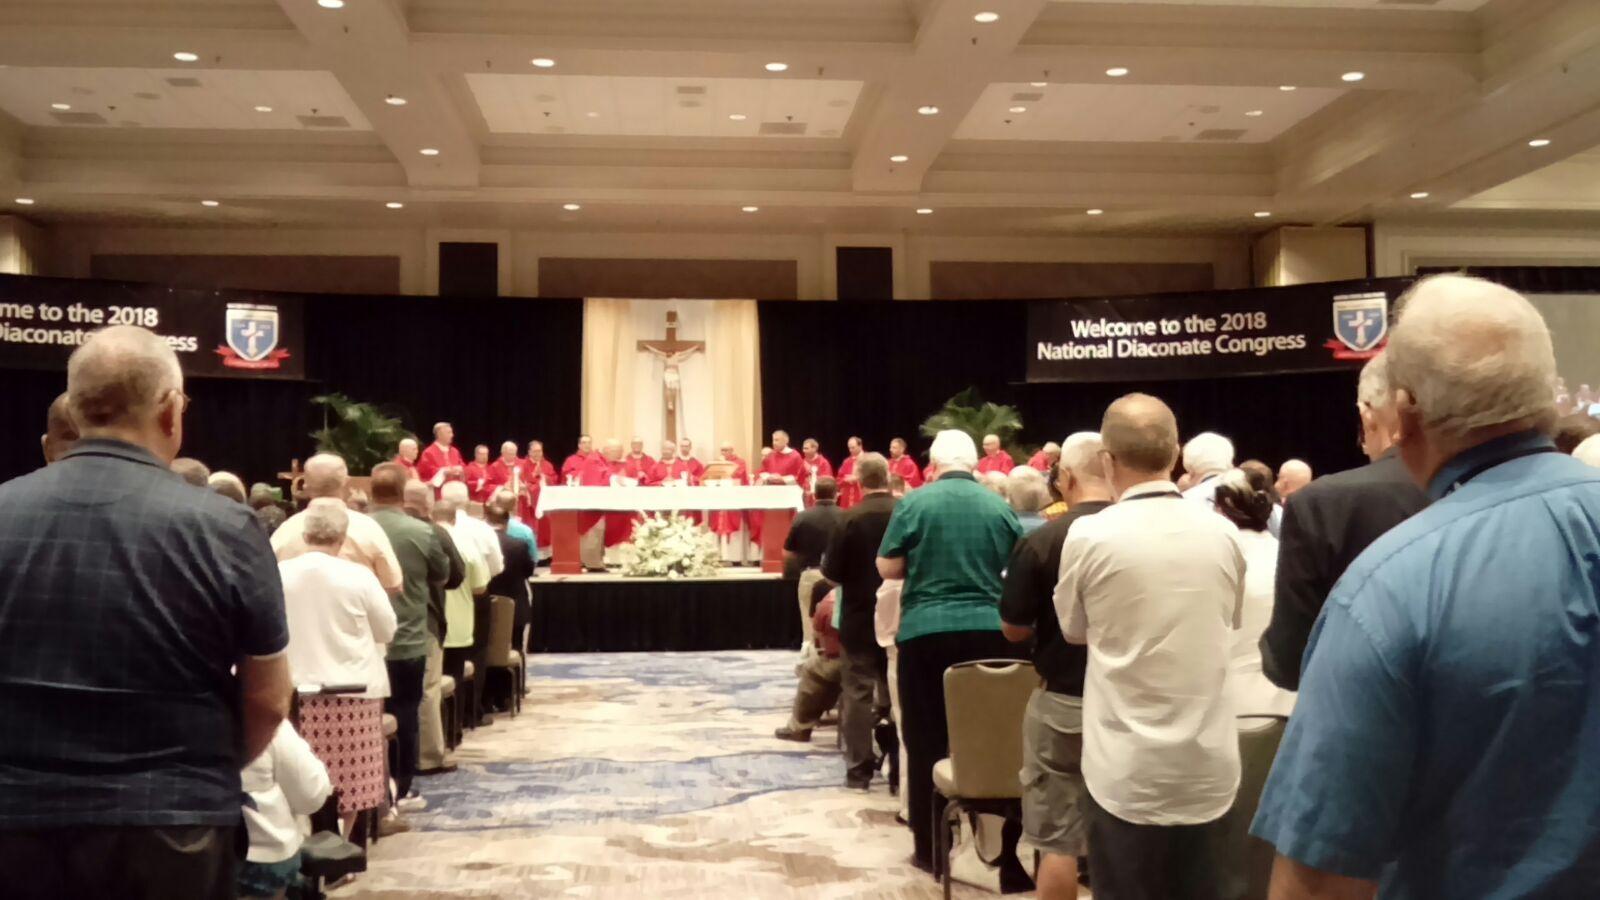 Finaliza en EEUU el Congreso Nacional de Diaconado 2018